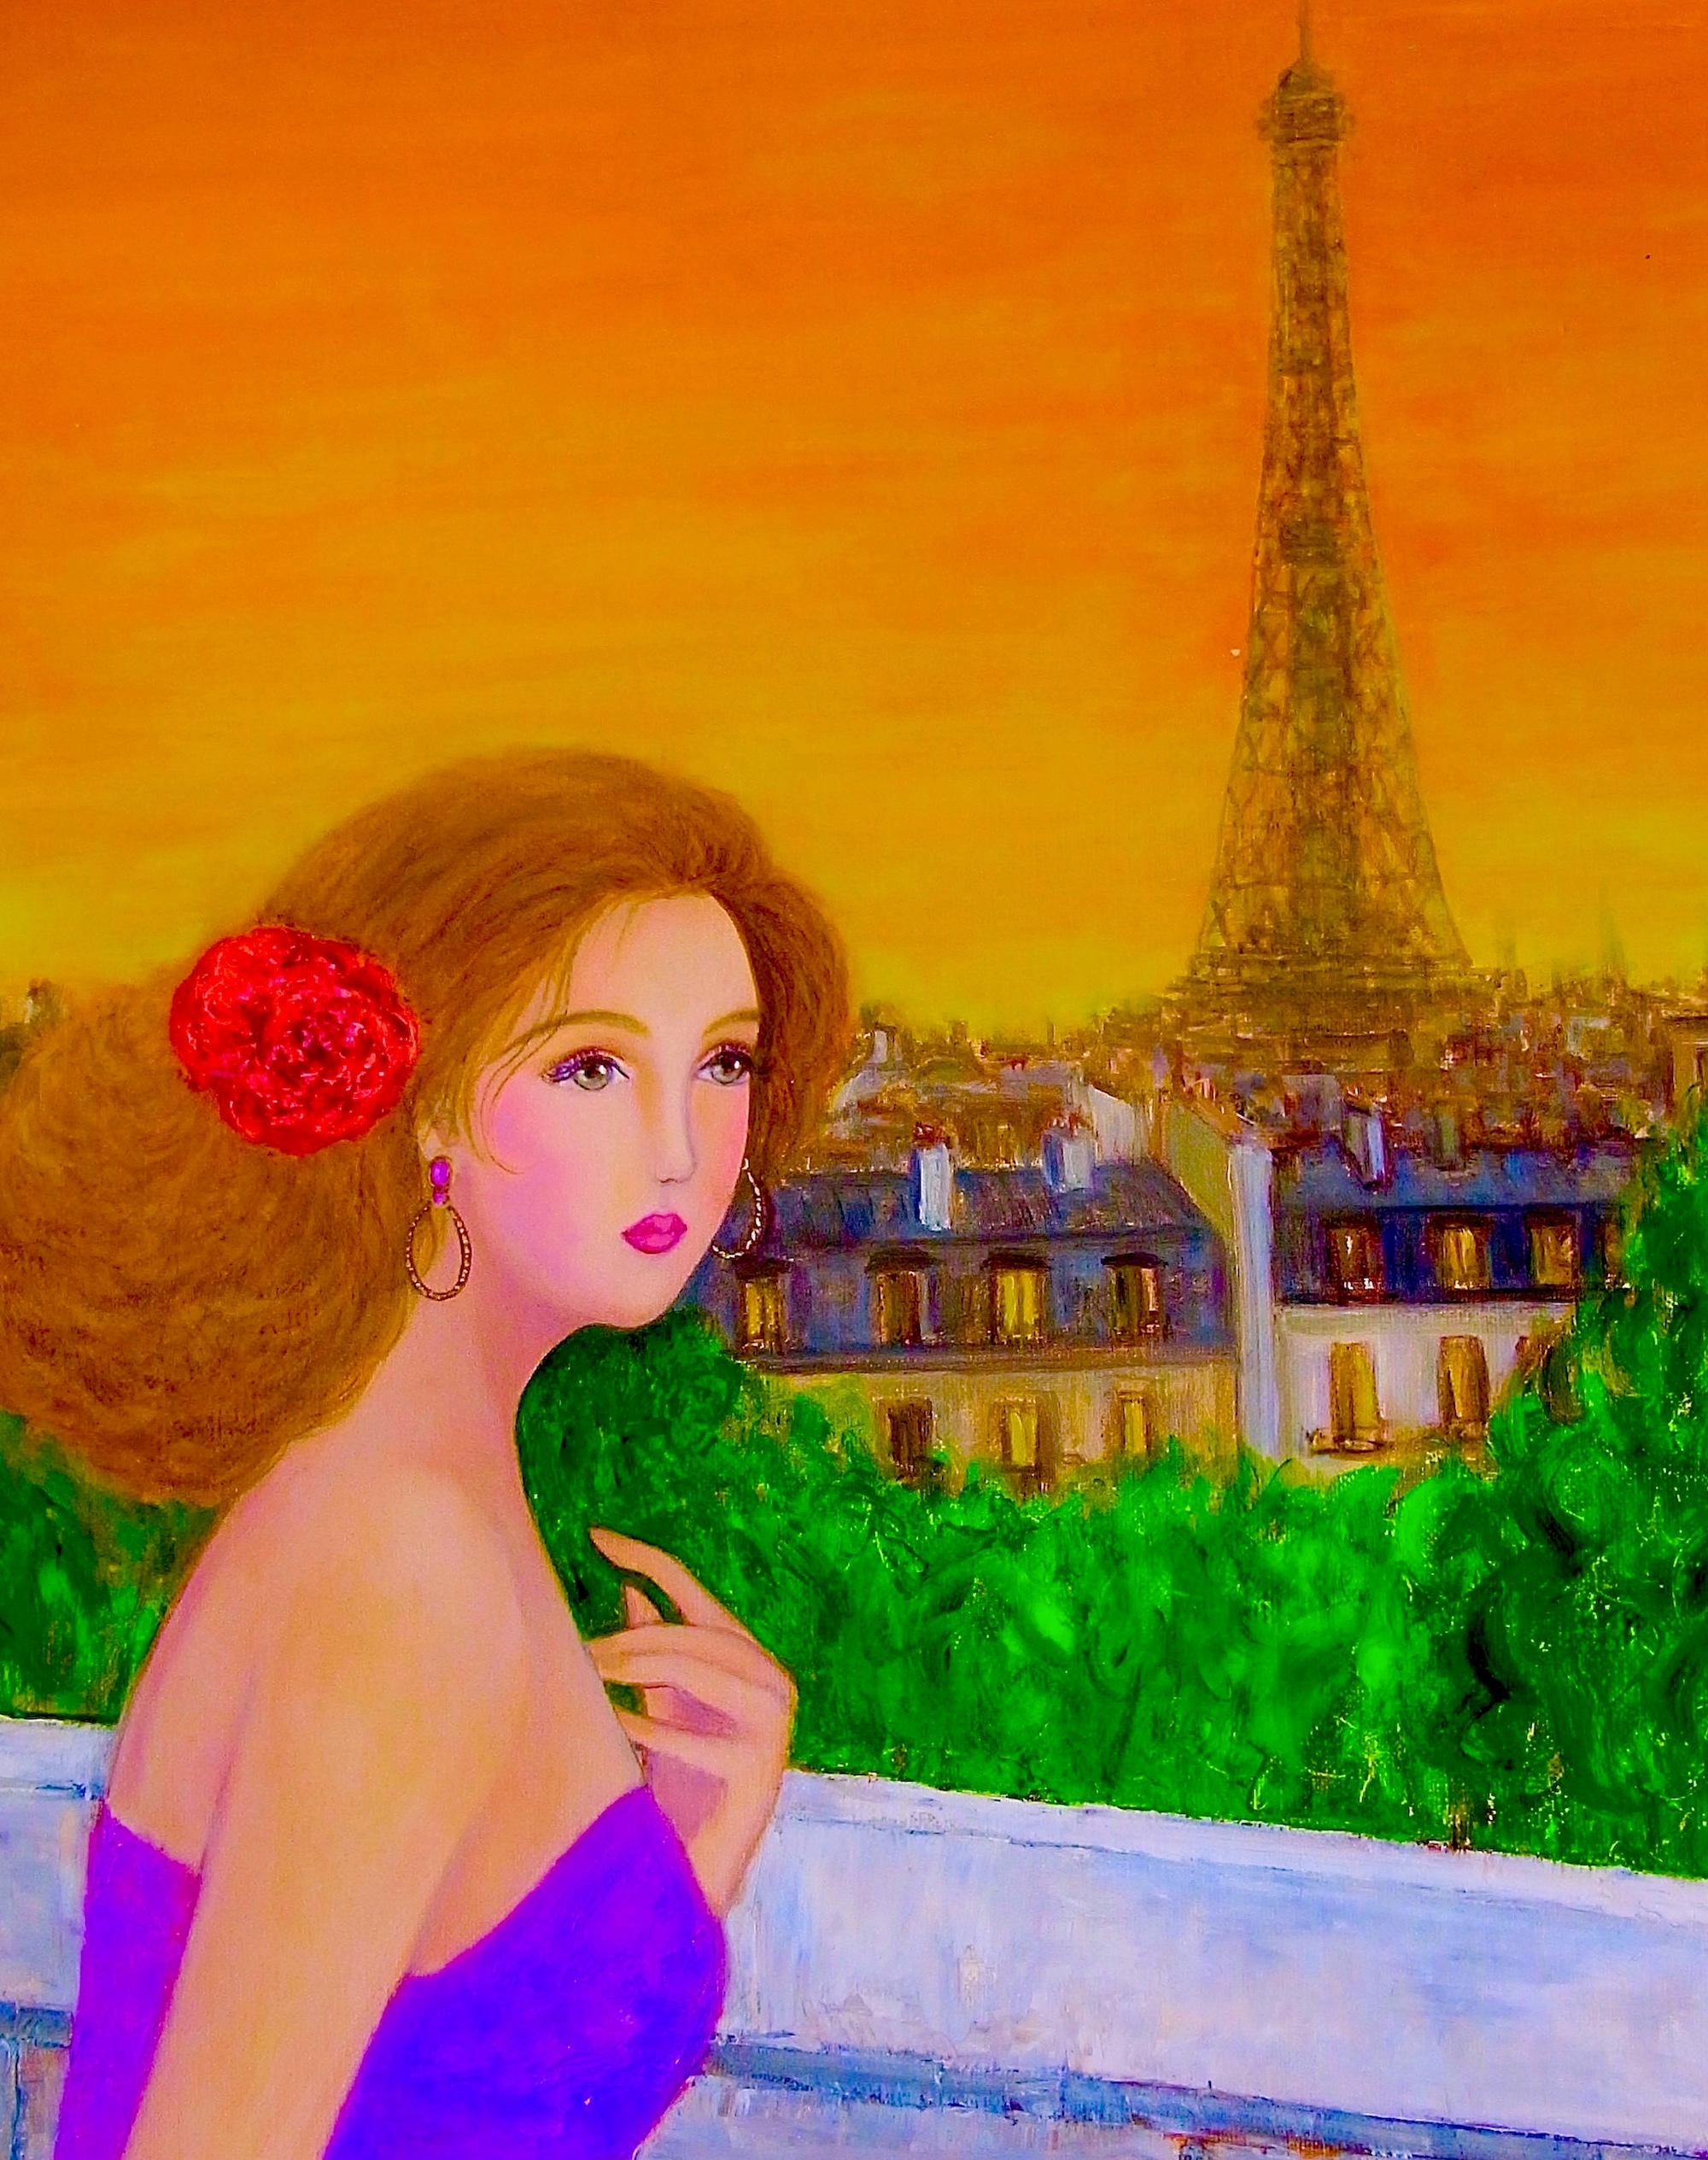 MAMI/ Images et Poésie, Douceur Evanescente comme l'Air que l'on respire